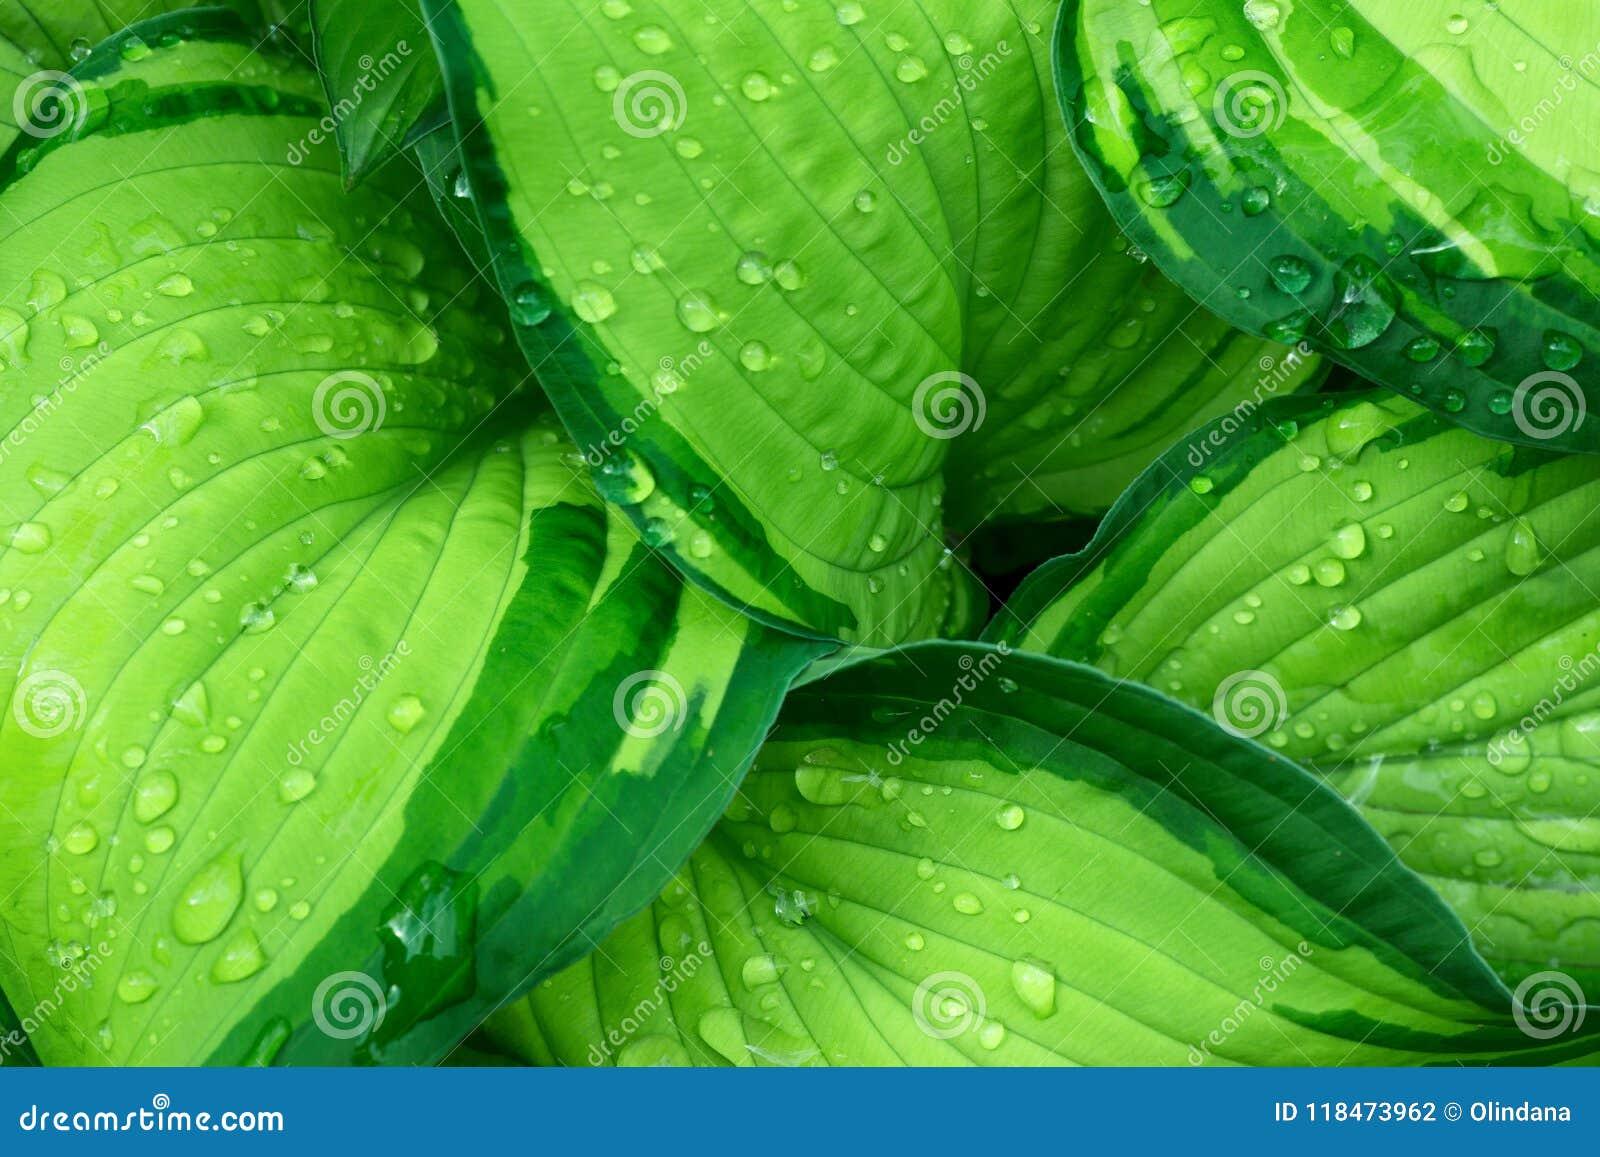 Nya gröna Hostaväxtsidor efter regn med vattendroppar Botanisk lövverknaturbakgrund Tapetaffischmall